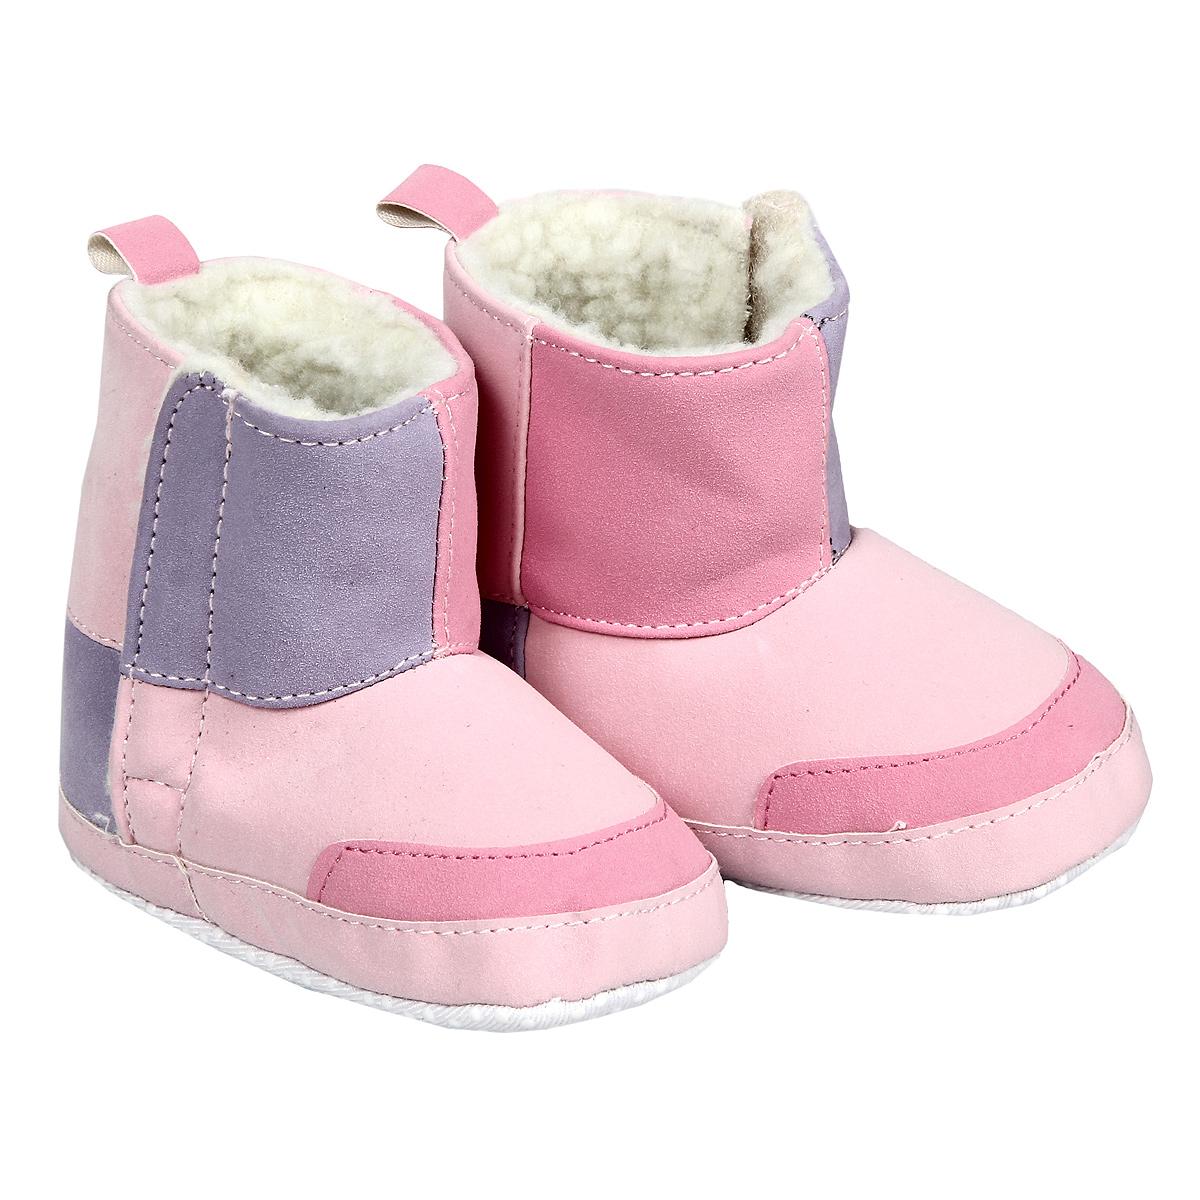 Пинетки для девочки Luvable Friends Угги, цвет: розовый. 11787. Размер 12/18мес11787Пинетки для девочки Luvable Friends, стилизованные под Угги - это легкая, теплая и удобная обувь из искусственной замши с искусственным мехом.Застегиваются они сбоку на липучки. Стопа оформлена прорезиненным рельефным рисунком, благодаря которому ребенок не будет скользить. Лоскутный дизайн привлекает внимание и делает угги особенно уютными.Такие пинетки - отличное решение для каждодневного использования дома в прохладную погоду!